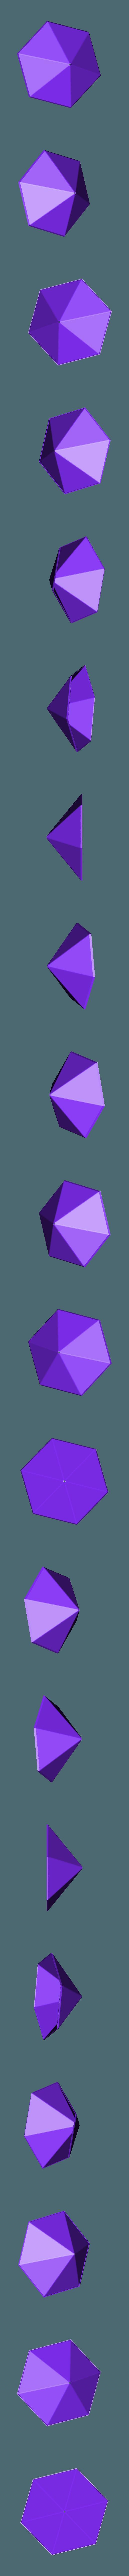 roof.stl Télécharger fichier STL gratuit Nourriture pour oiseaux • Modèle à imprimer en 3D, MakerMind